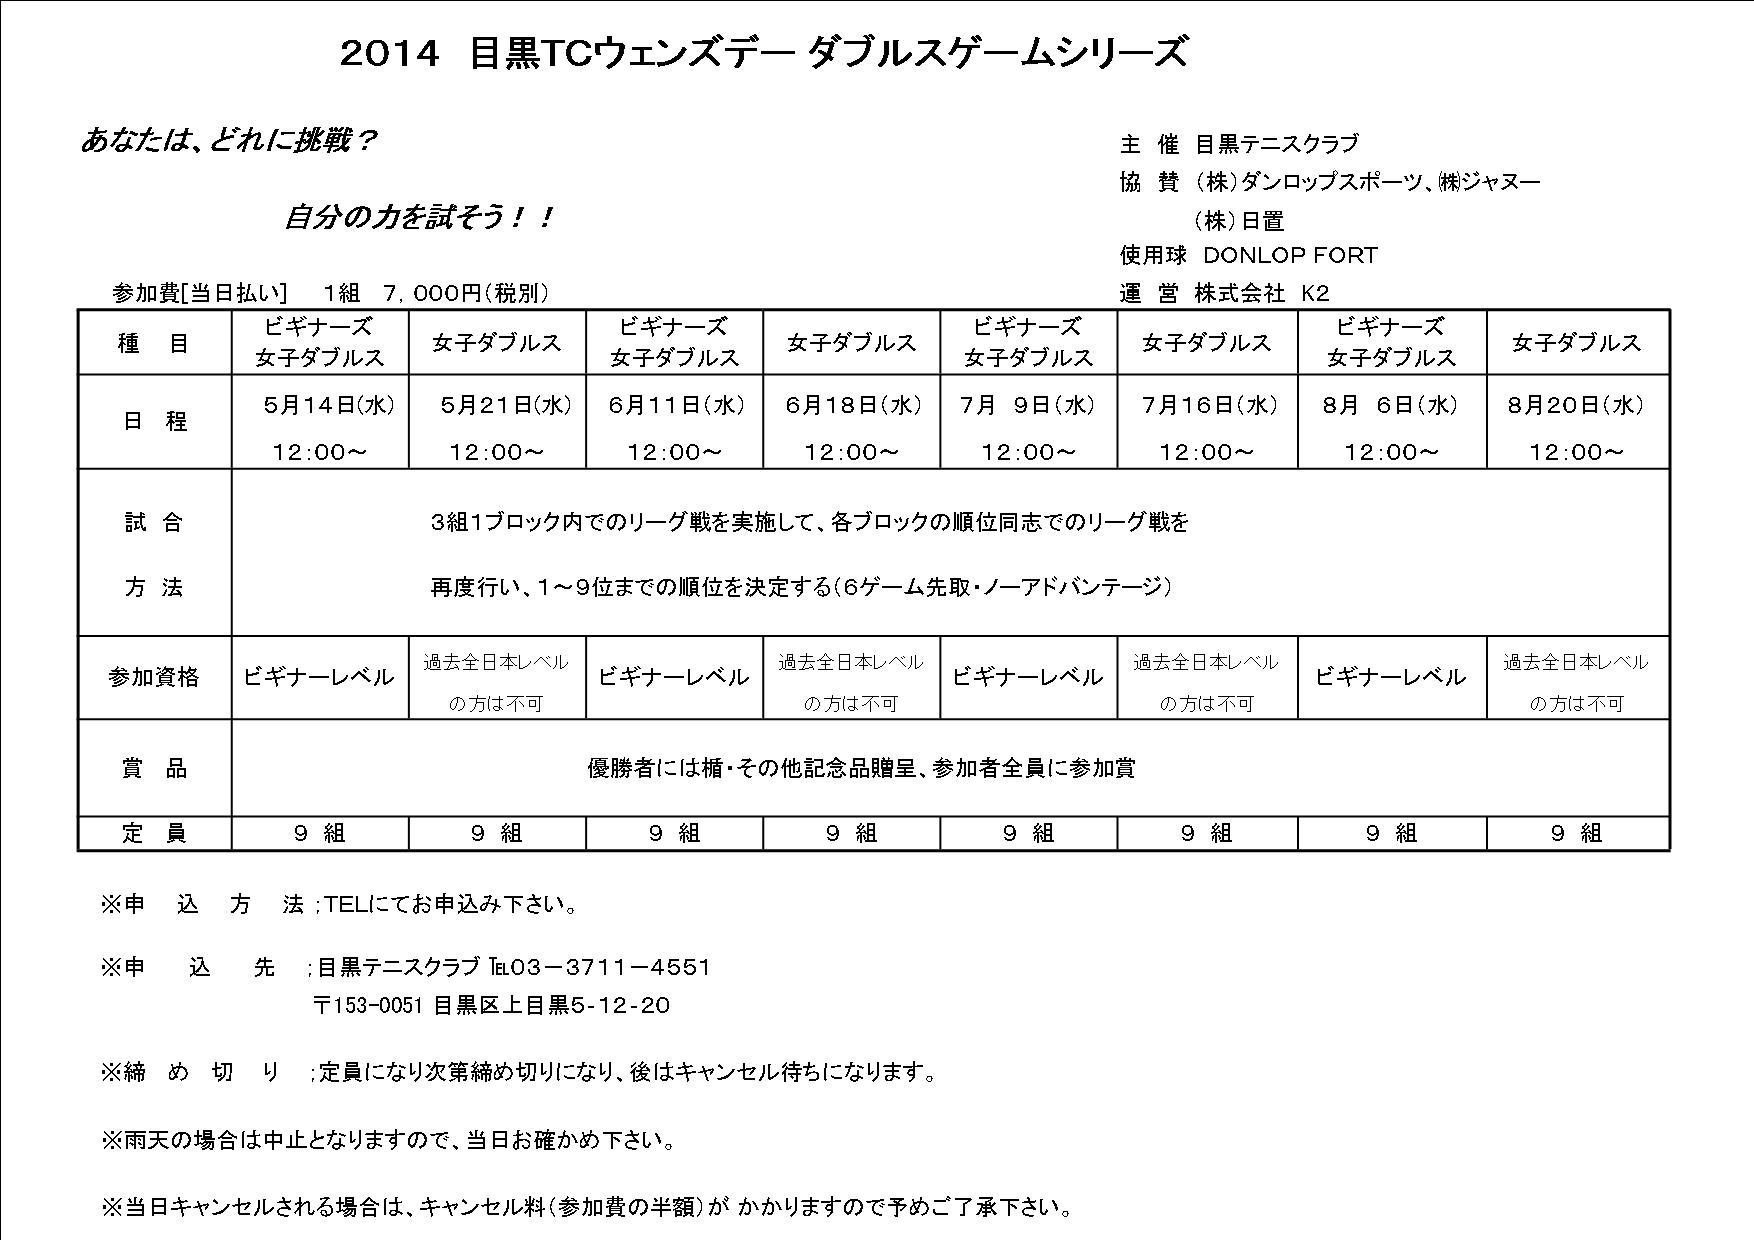 2014 5月~8月ウェンズデーダブルストーナメント_b0158200_1422159.jpg